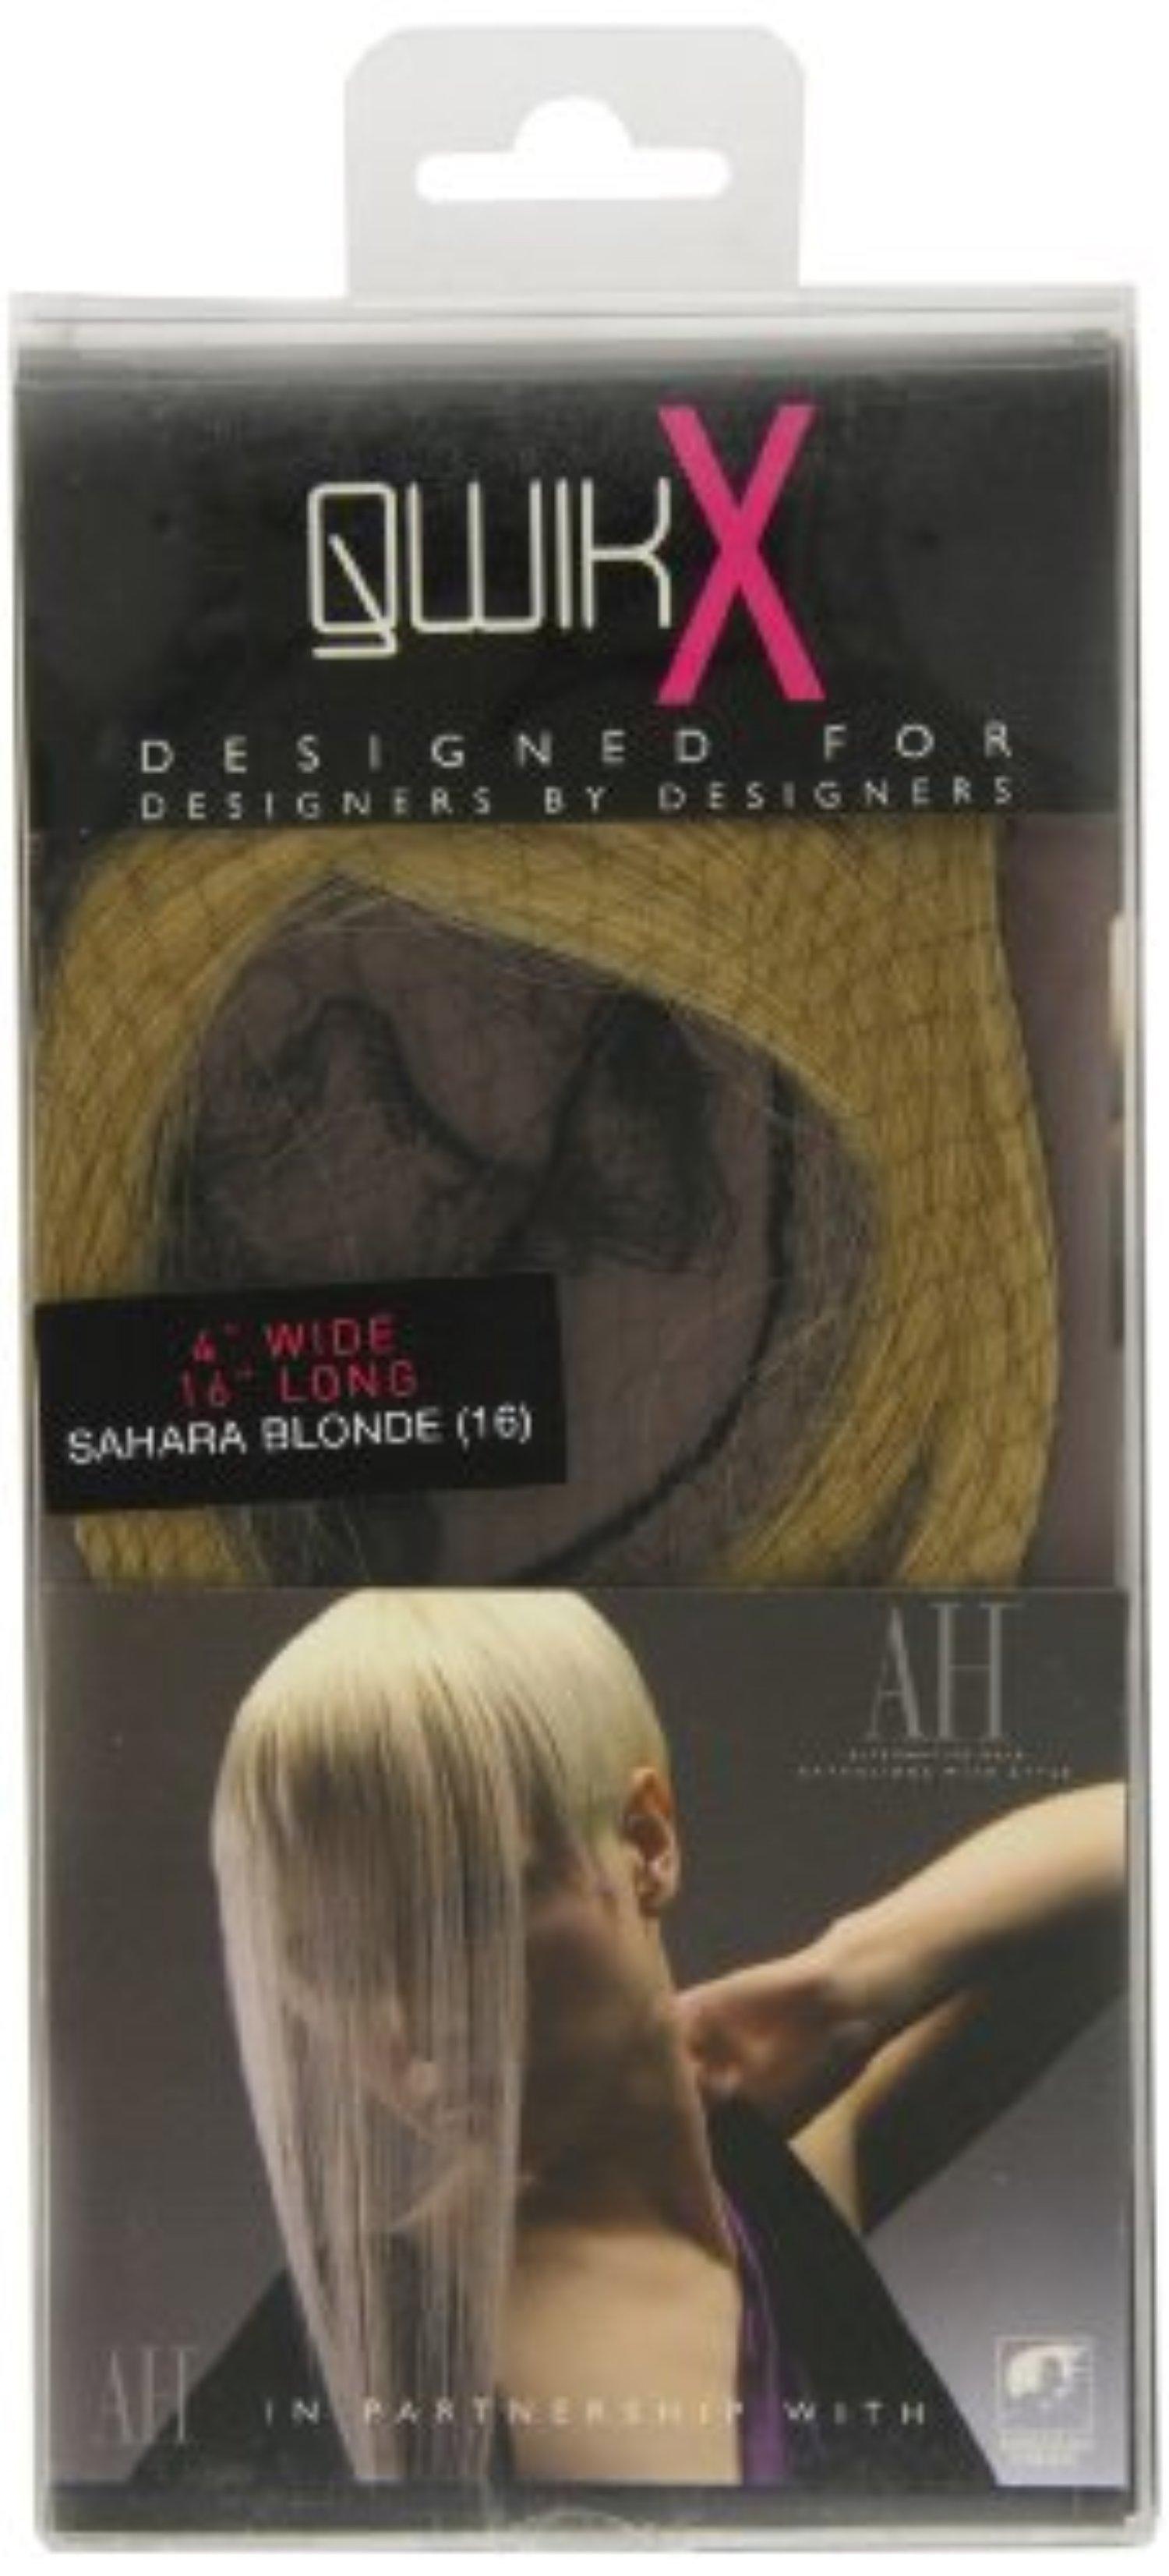 Qwik X 100 Percent Indian Remi Human Hair Tape Hair Extensions Colour 16 Sahara Blonde 41cm by ALTERNATIVE HAIR